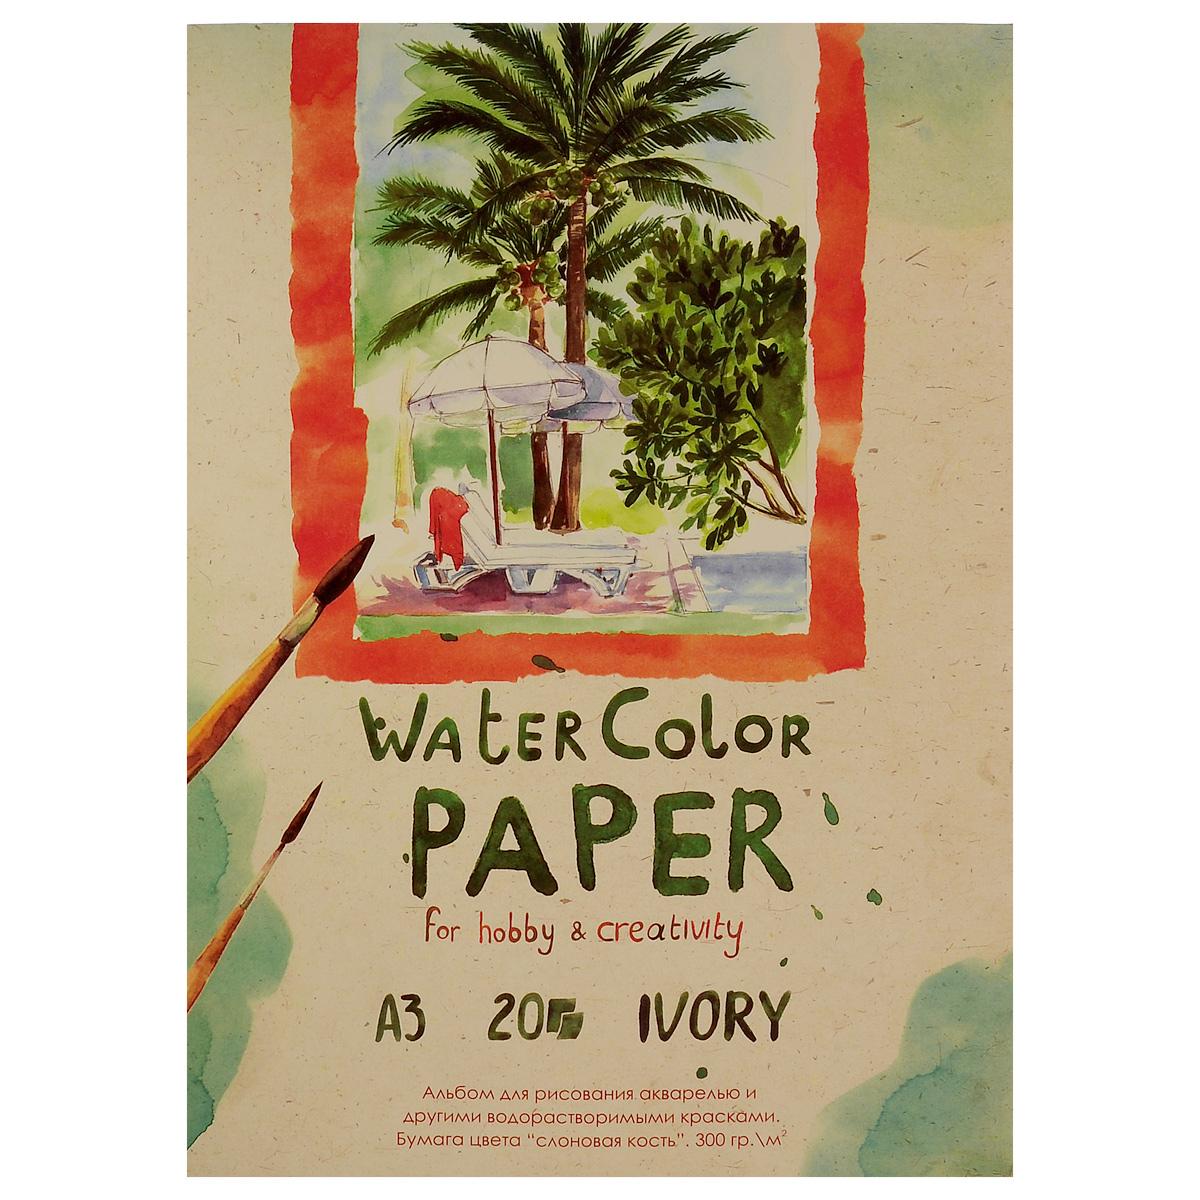 Альбом для акварели Kroyter, 20 листов, формат А306463Альбом для рисования акварелью Kroyter изготовлен из высококачественной бумаги цвета слоновой кости, что позволяет карандашам, фломастерам и краскам ровно ложиться на поверхность и не растекаться по листу. Рисование в таких альбомах доставит маленьким художникам максимальное удовольствие. Обложка выполнена из мелованного картона с клеевым креплением. Рисование позволяет развивать творческие способности, кроме того, это увлекательный досуг. Плотность: 300 г/м2.